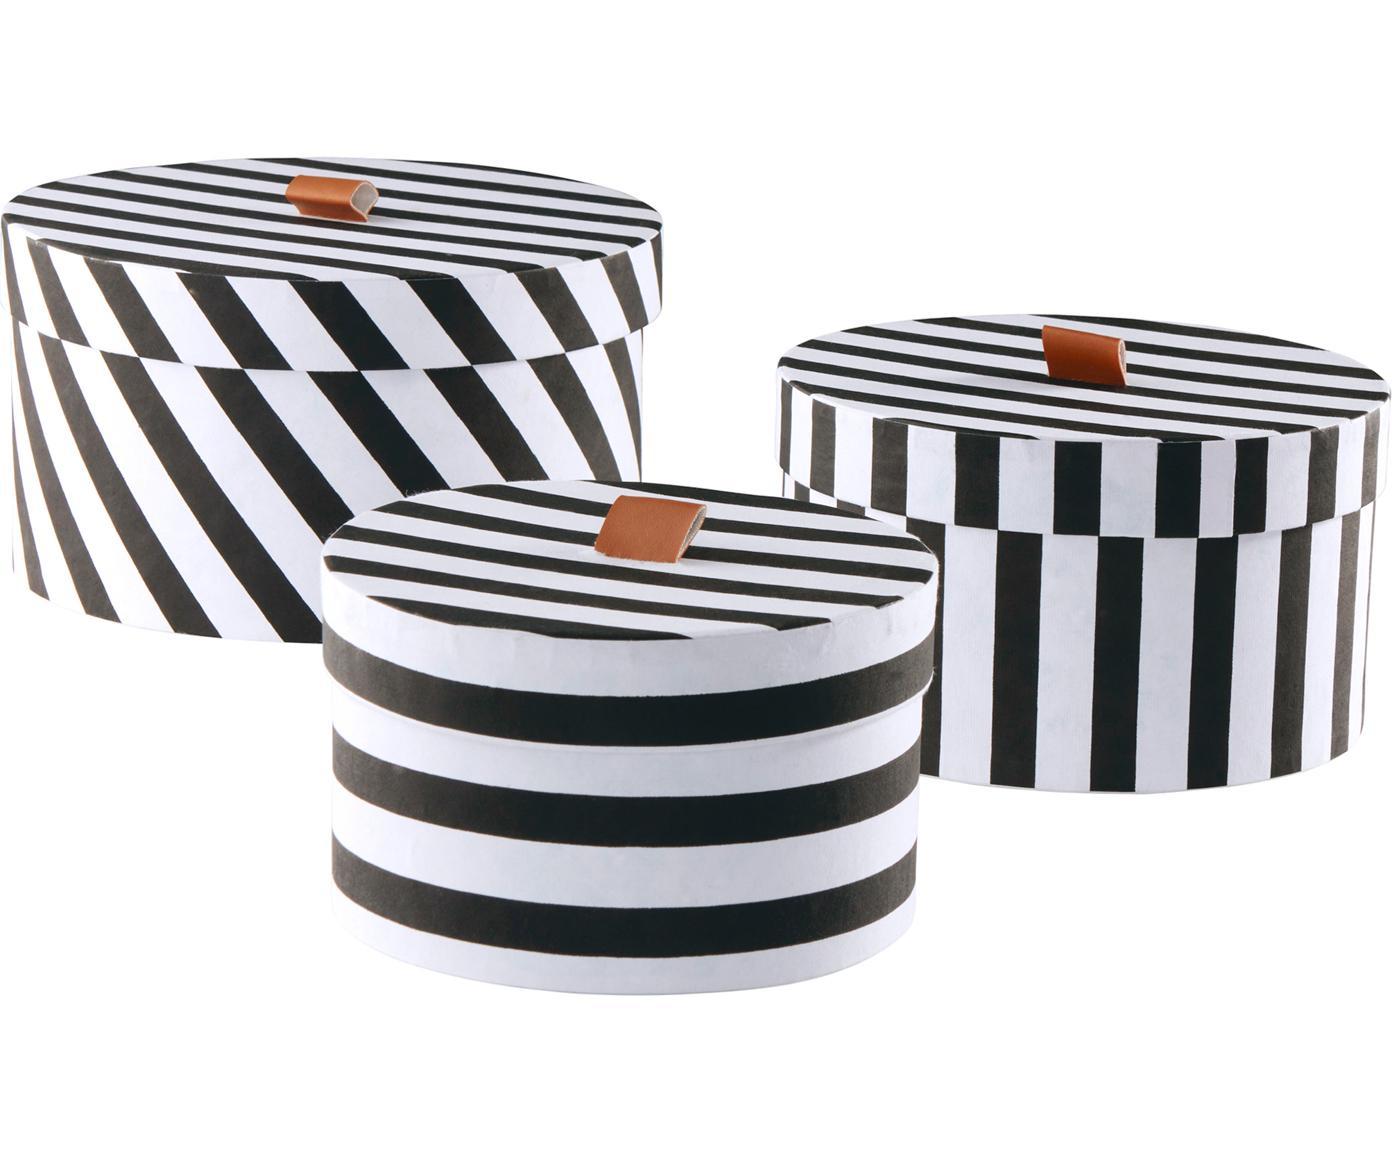 Komplet pudełek do przechowywania, 3 elem., Tektura, Czarny, biały, brązowy, Różne rozmiary